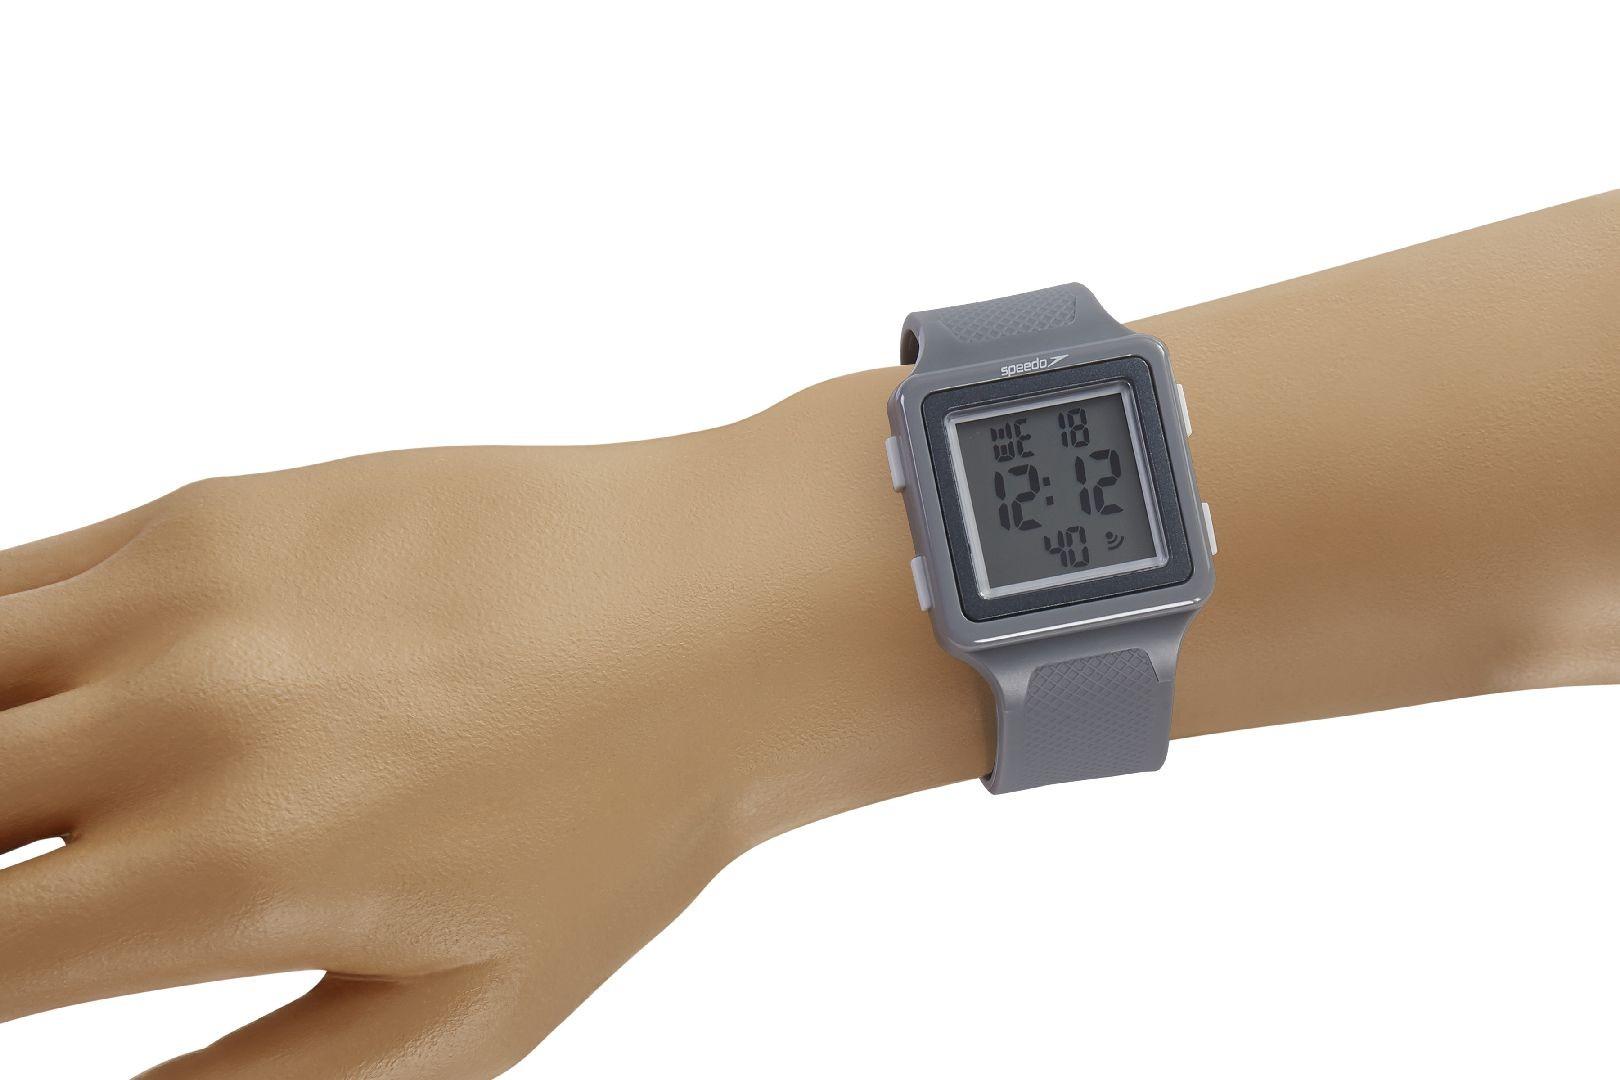 Relógio Masculino Speedo Pulseira de Poliuretano Cinza Fundo LCD Positivo 80650G0EVNP2